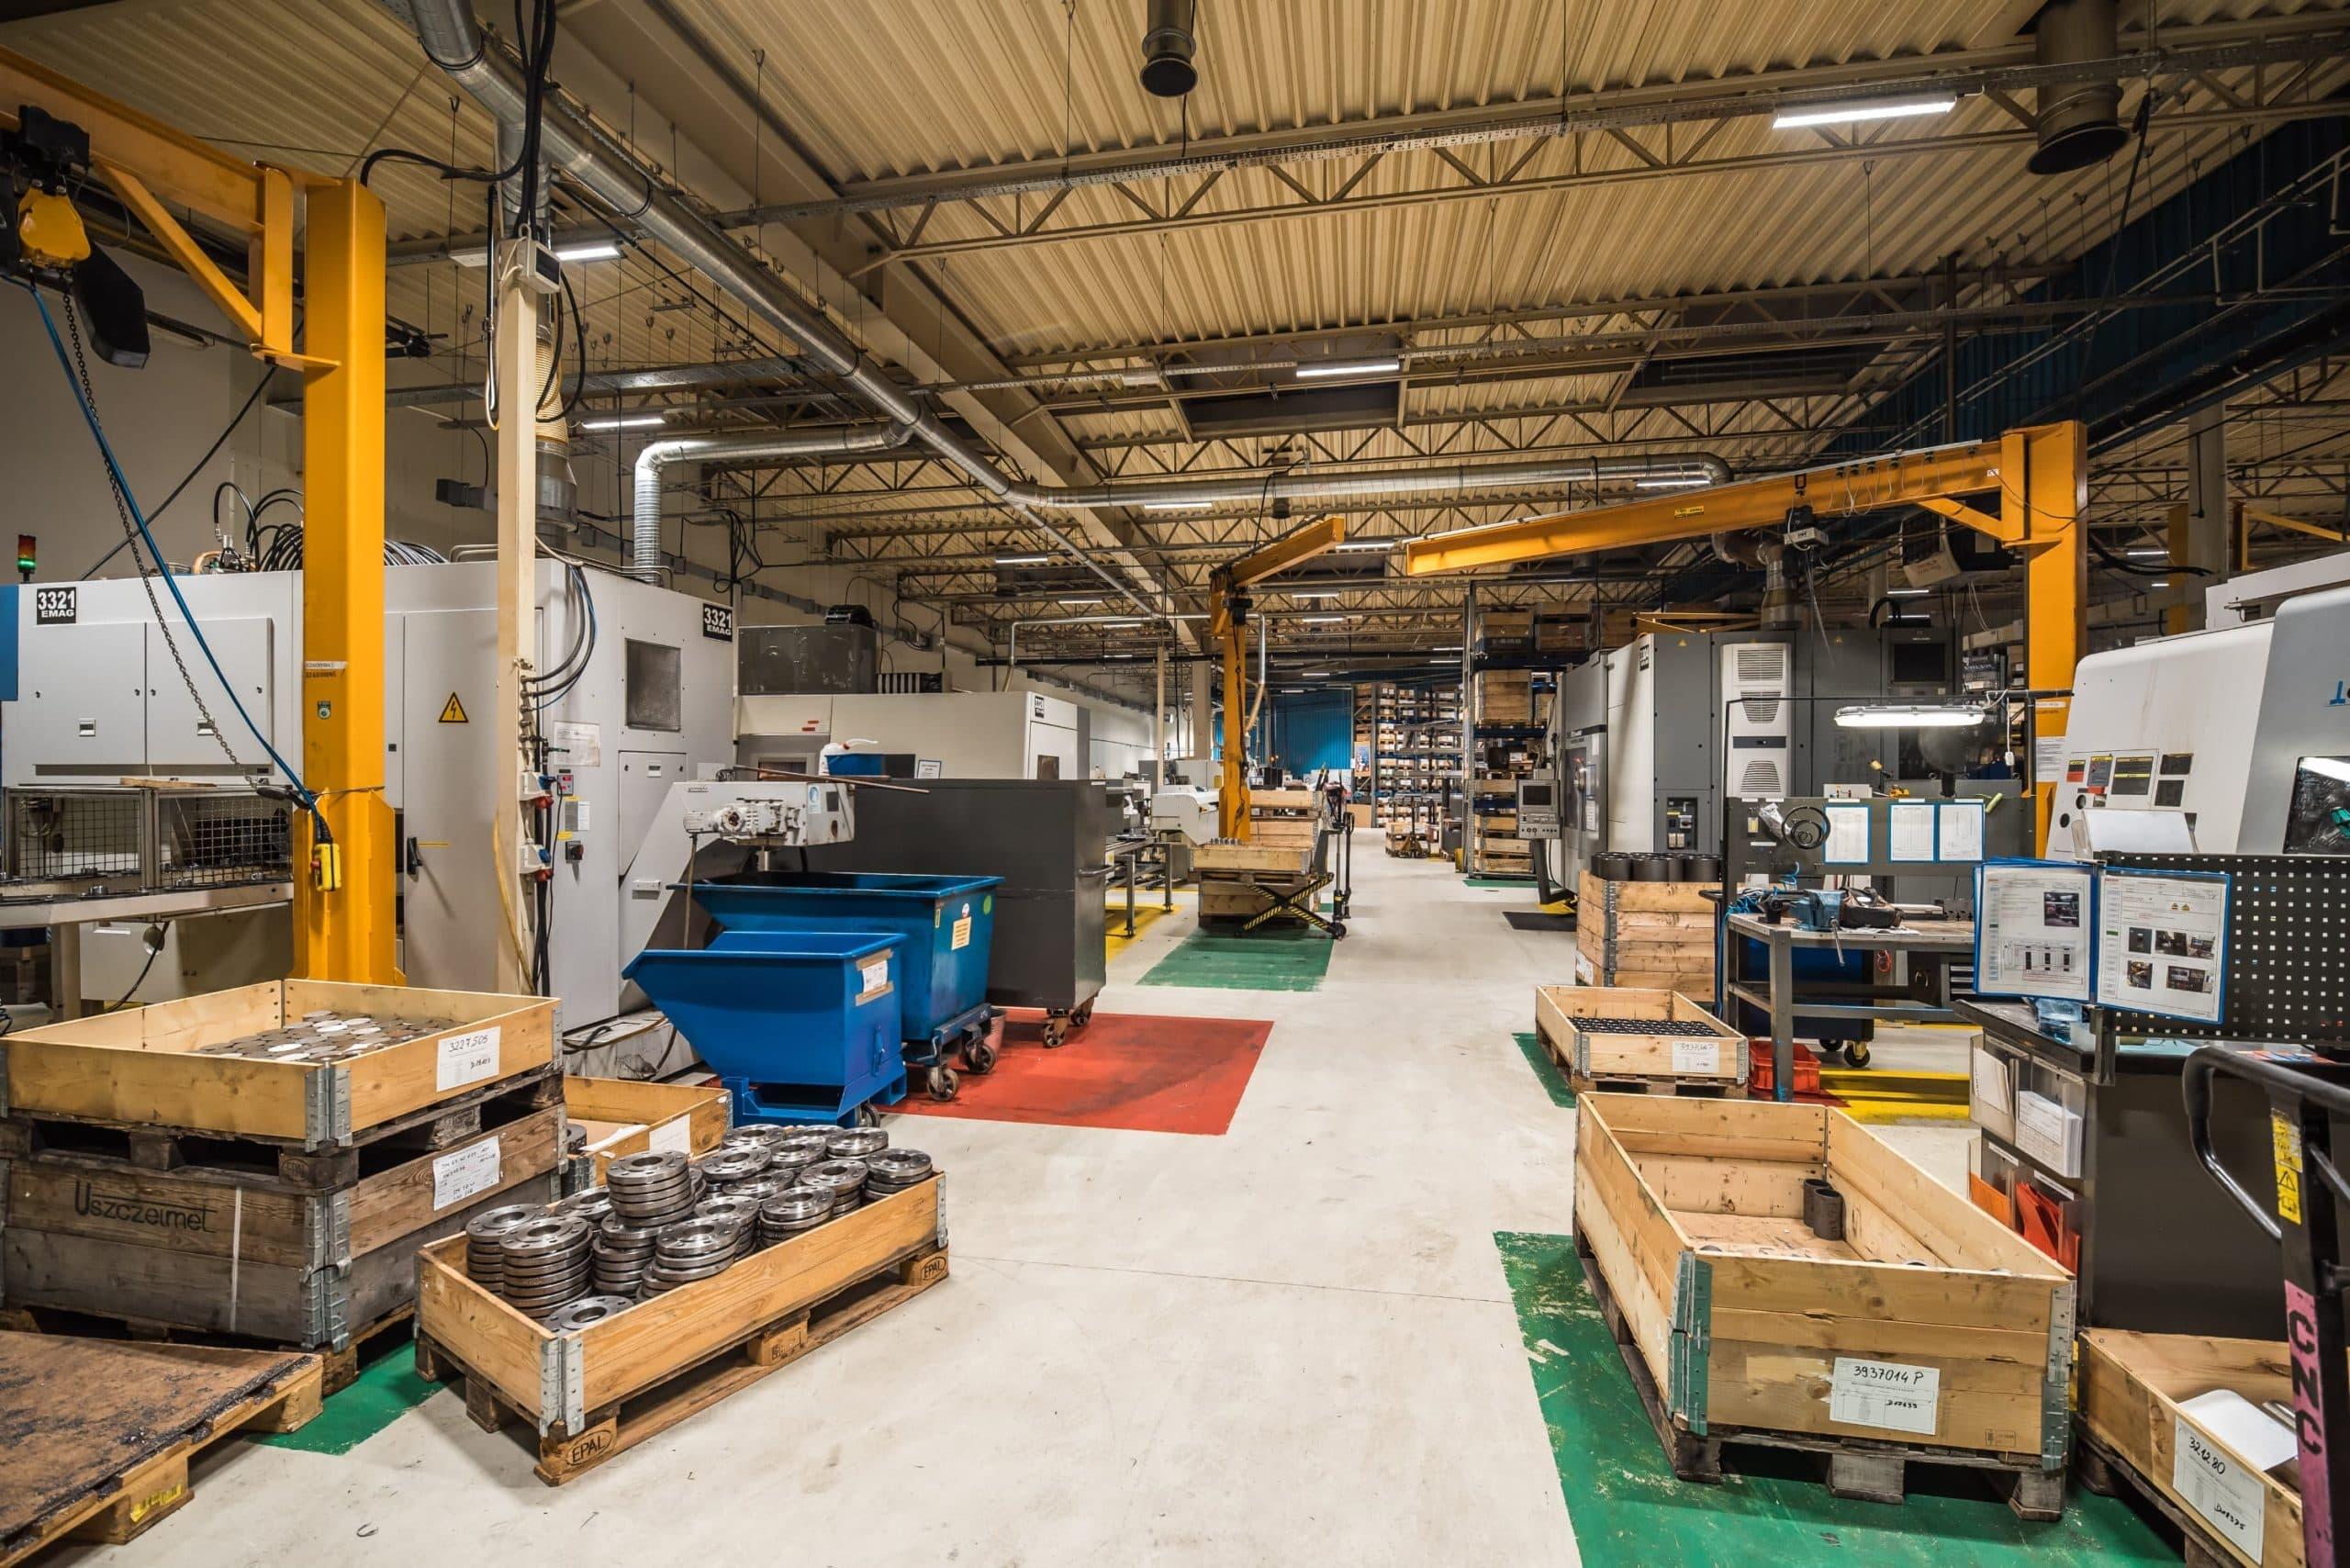 Zmodernizowana hala produkcyjna firmy Broen - Luxon LED